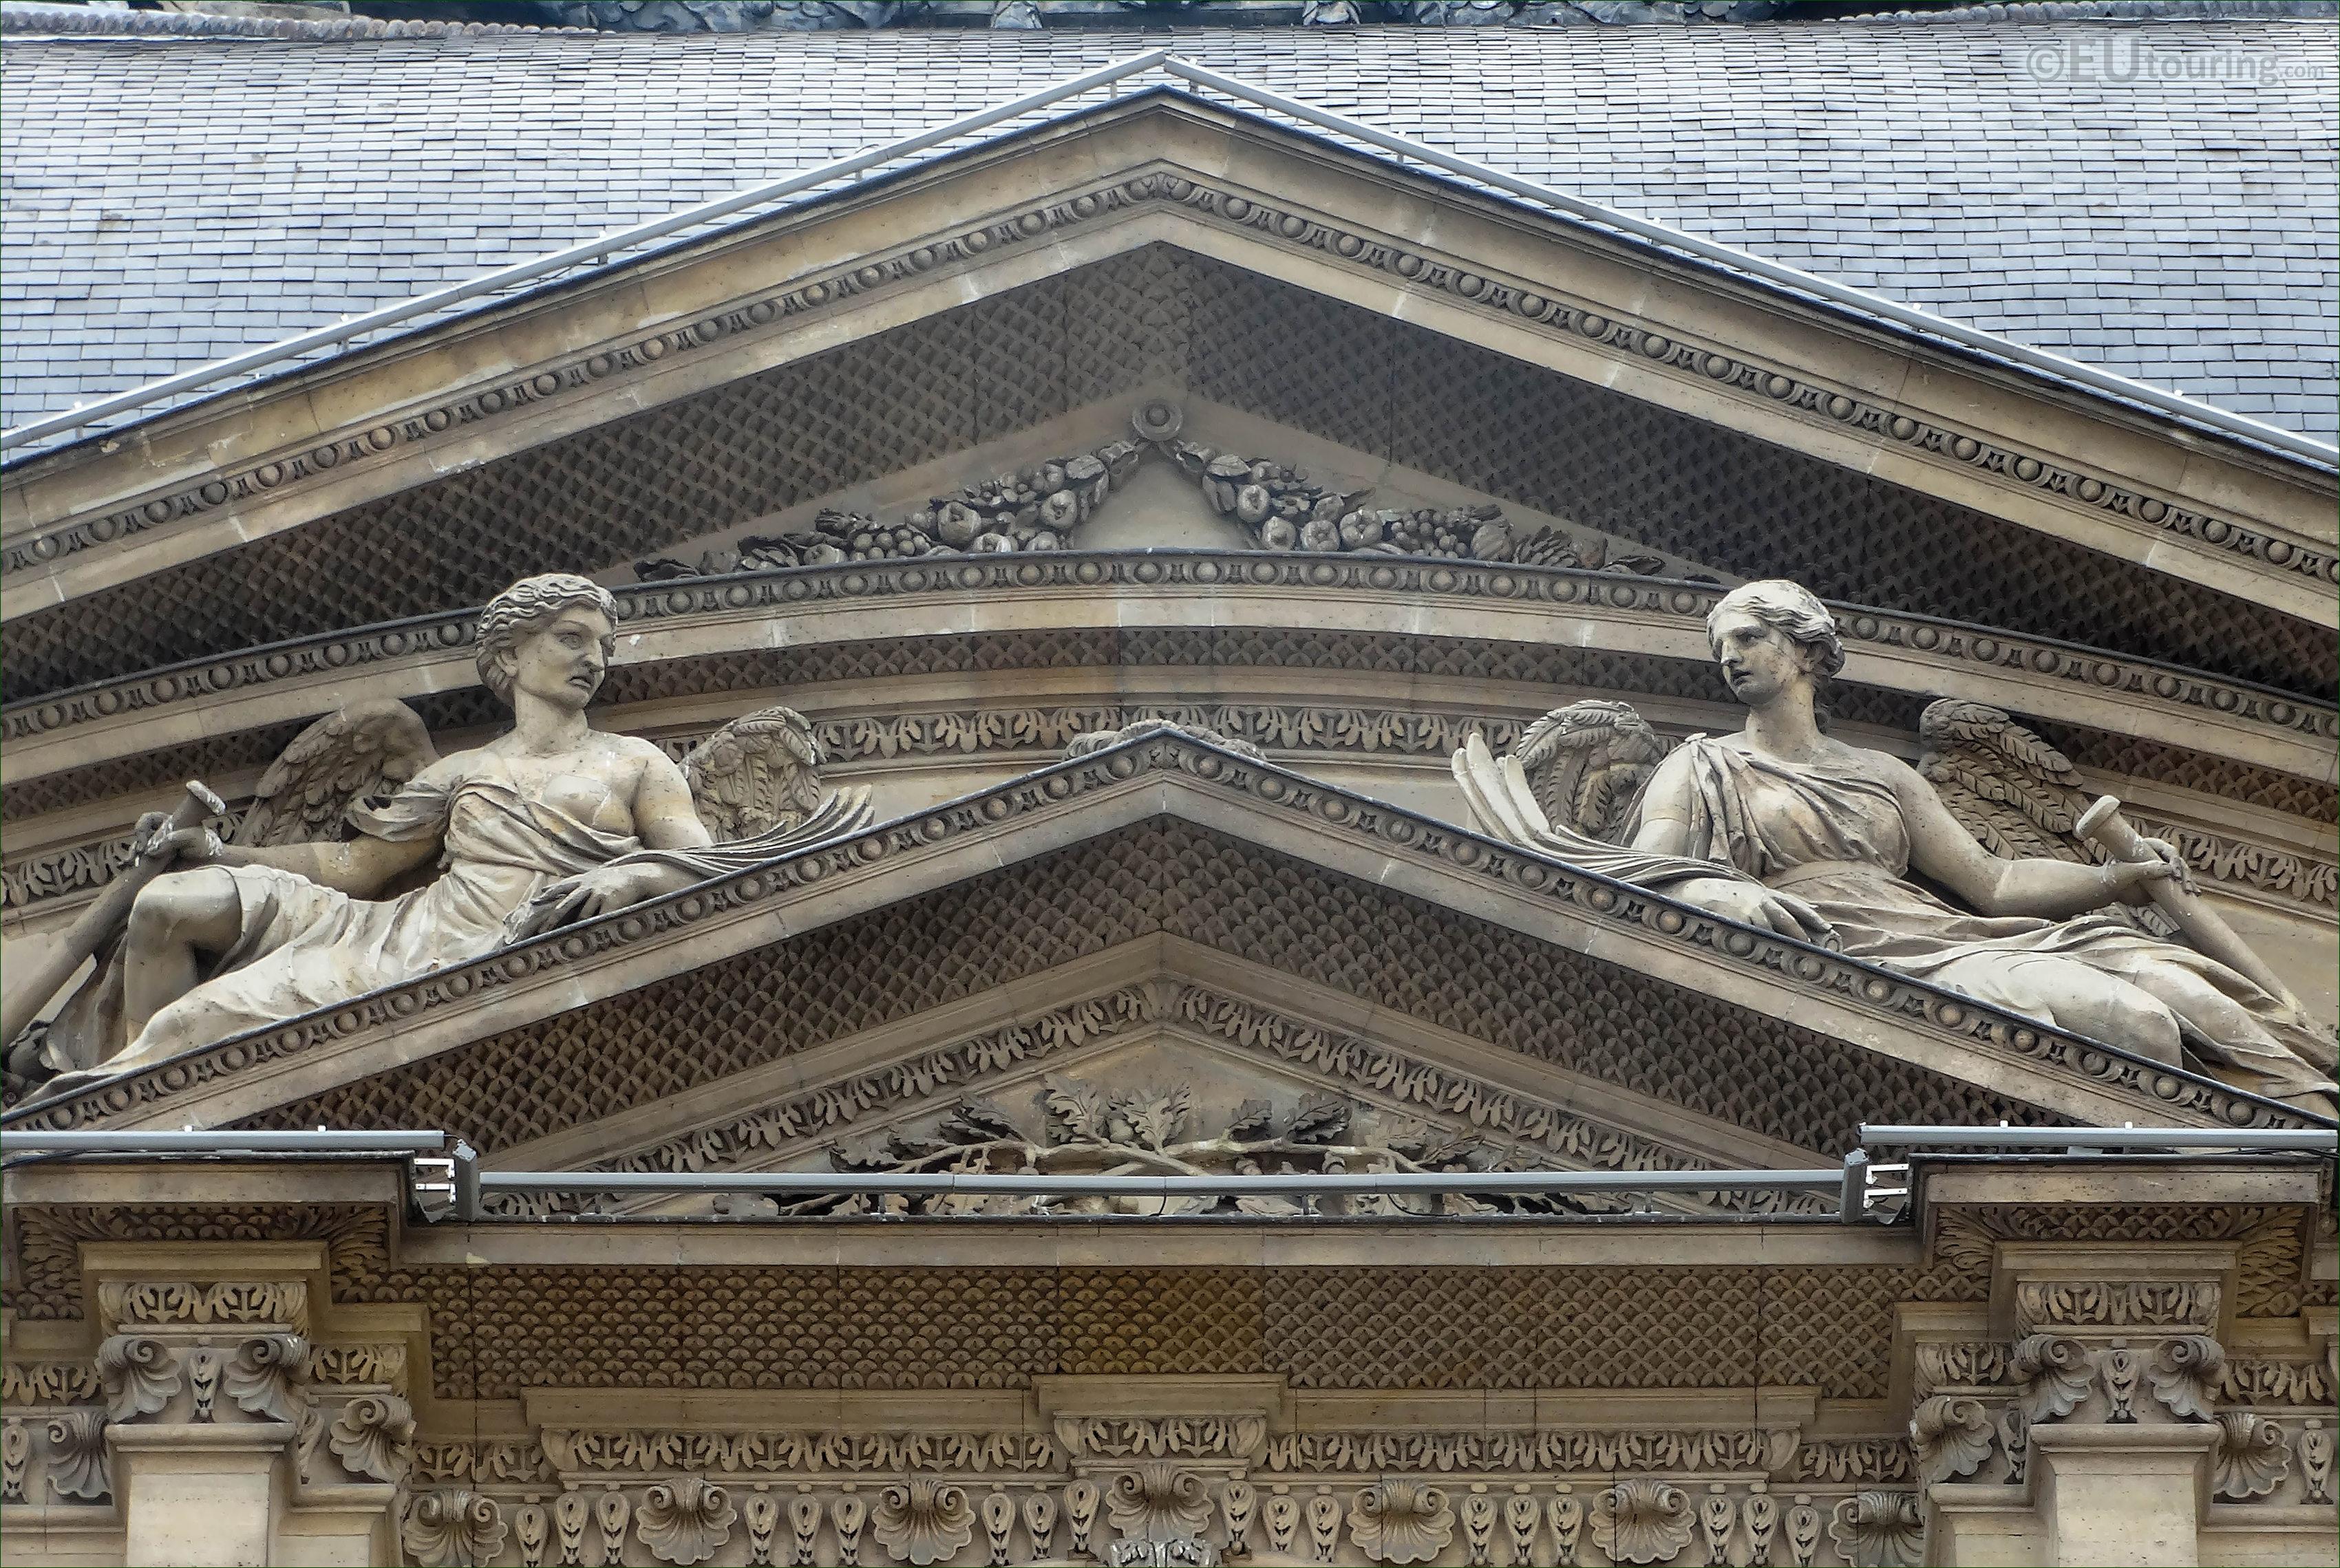 LHS Renommee statue on Pavillon de l\'Horloge at The Louvre ...